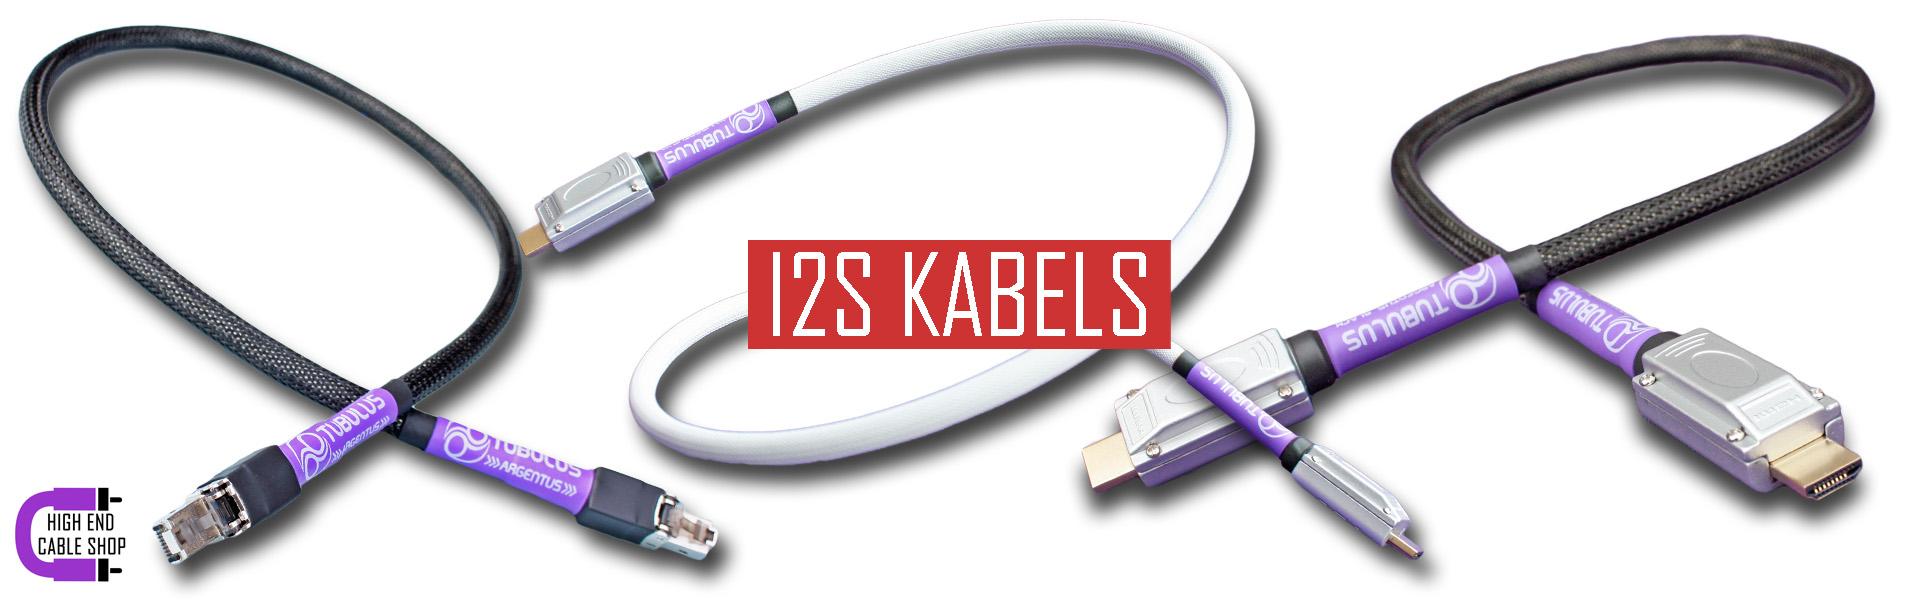 High end cable shop slide i2s kabels